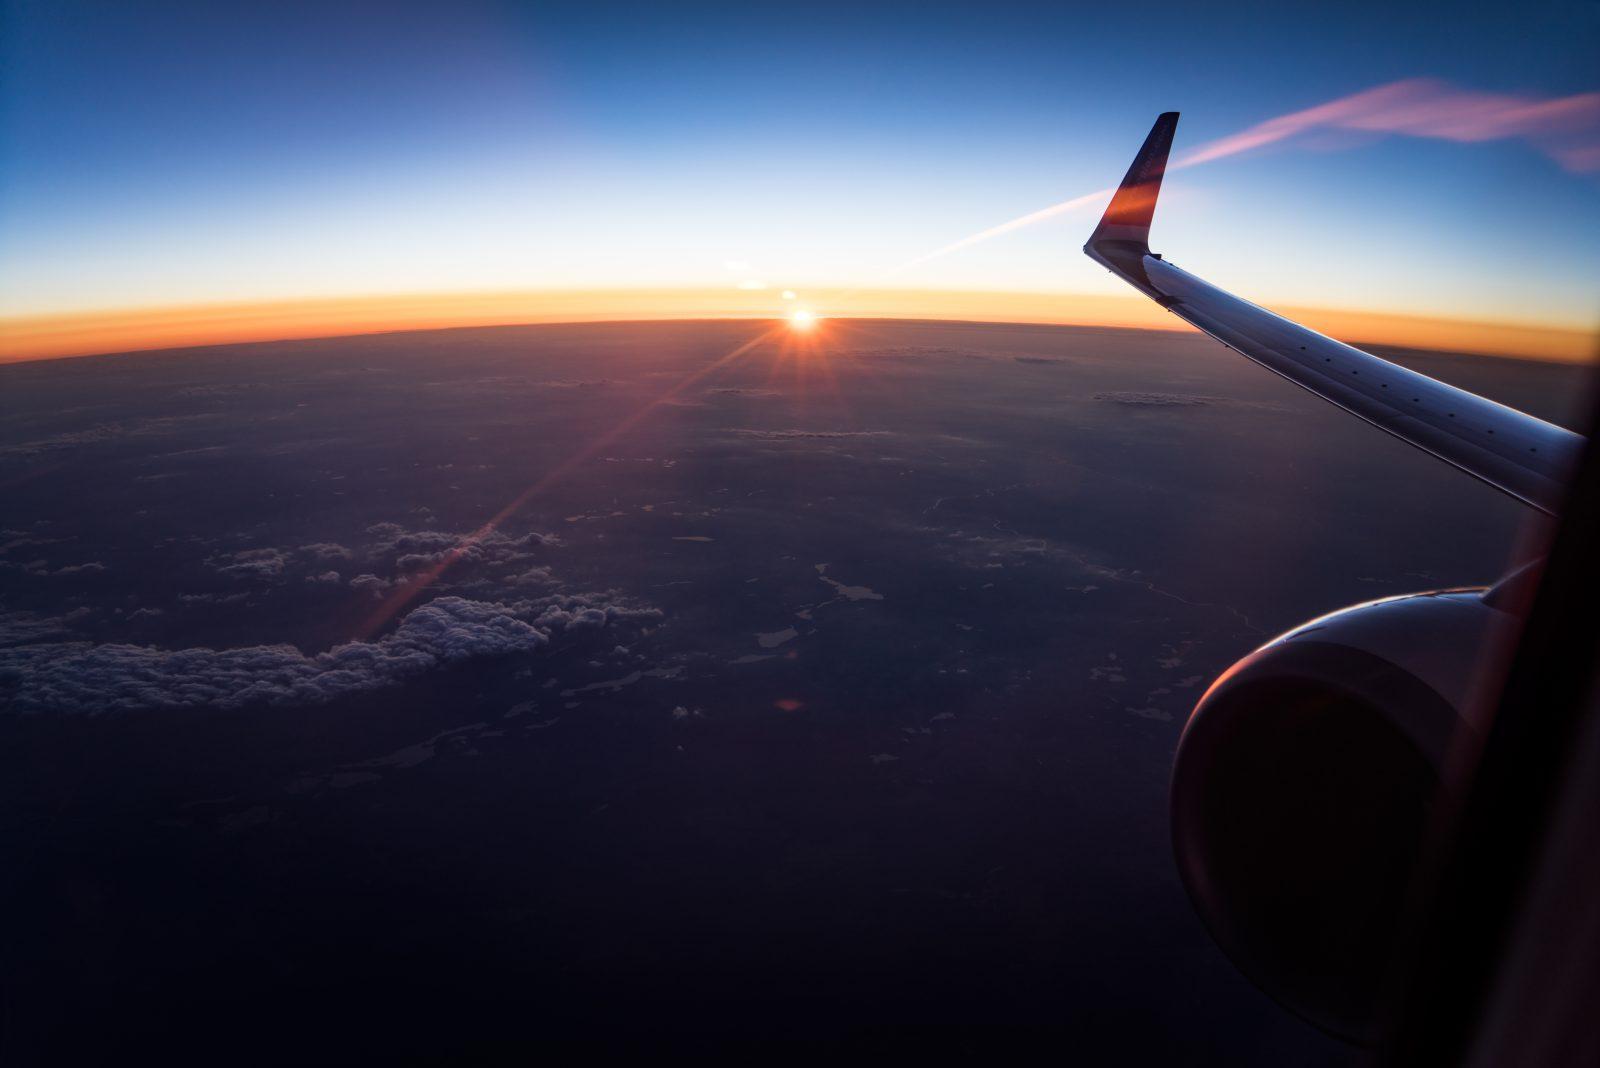 plane trip free stock photos life of pix